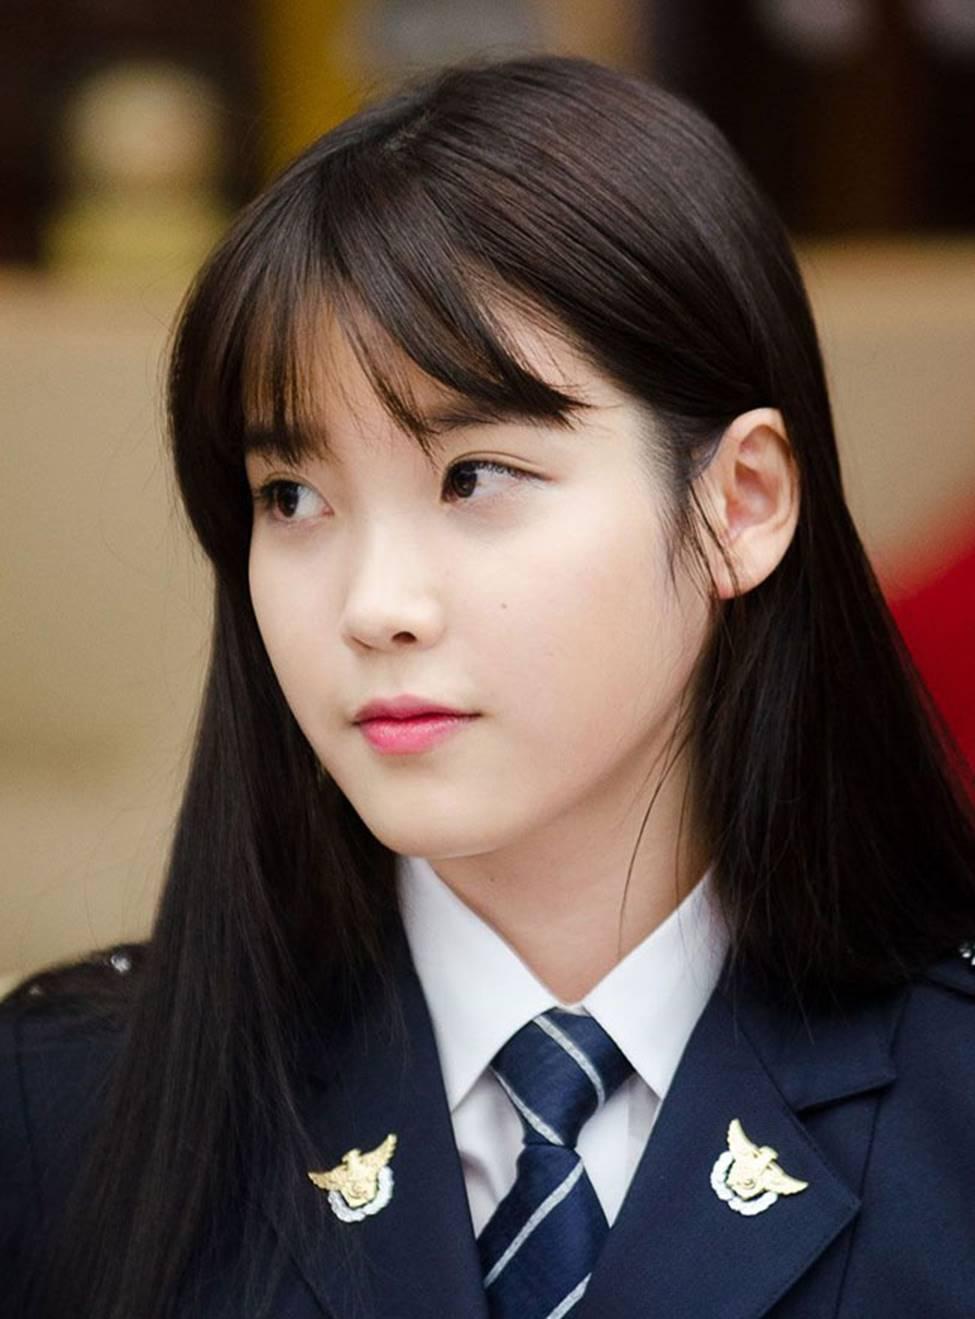 3 mỹ nhân đẹp - giỏi - giàu xứ Hàn làm gì để có dung nhan động lòng người?-16